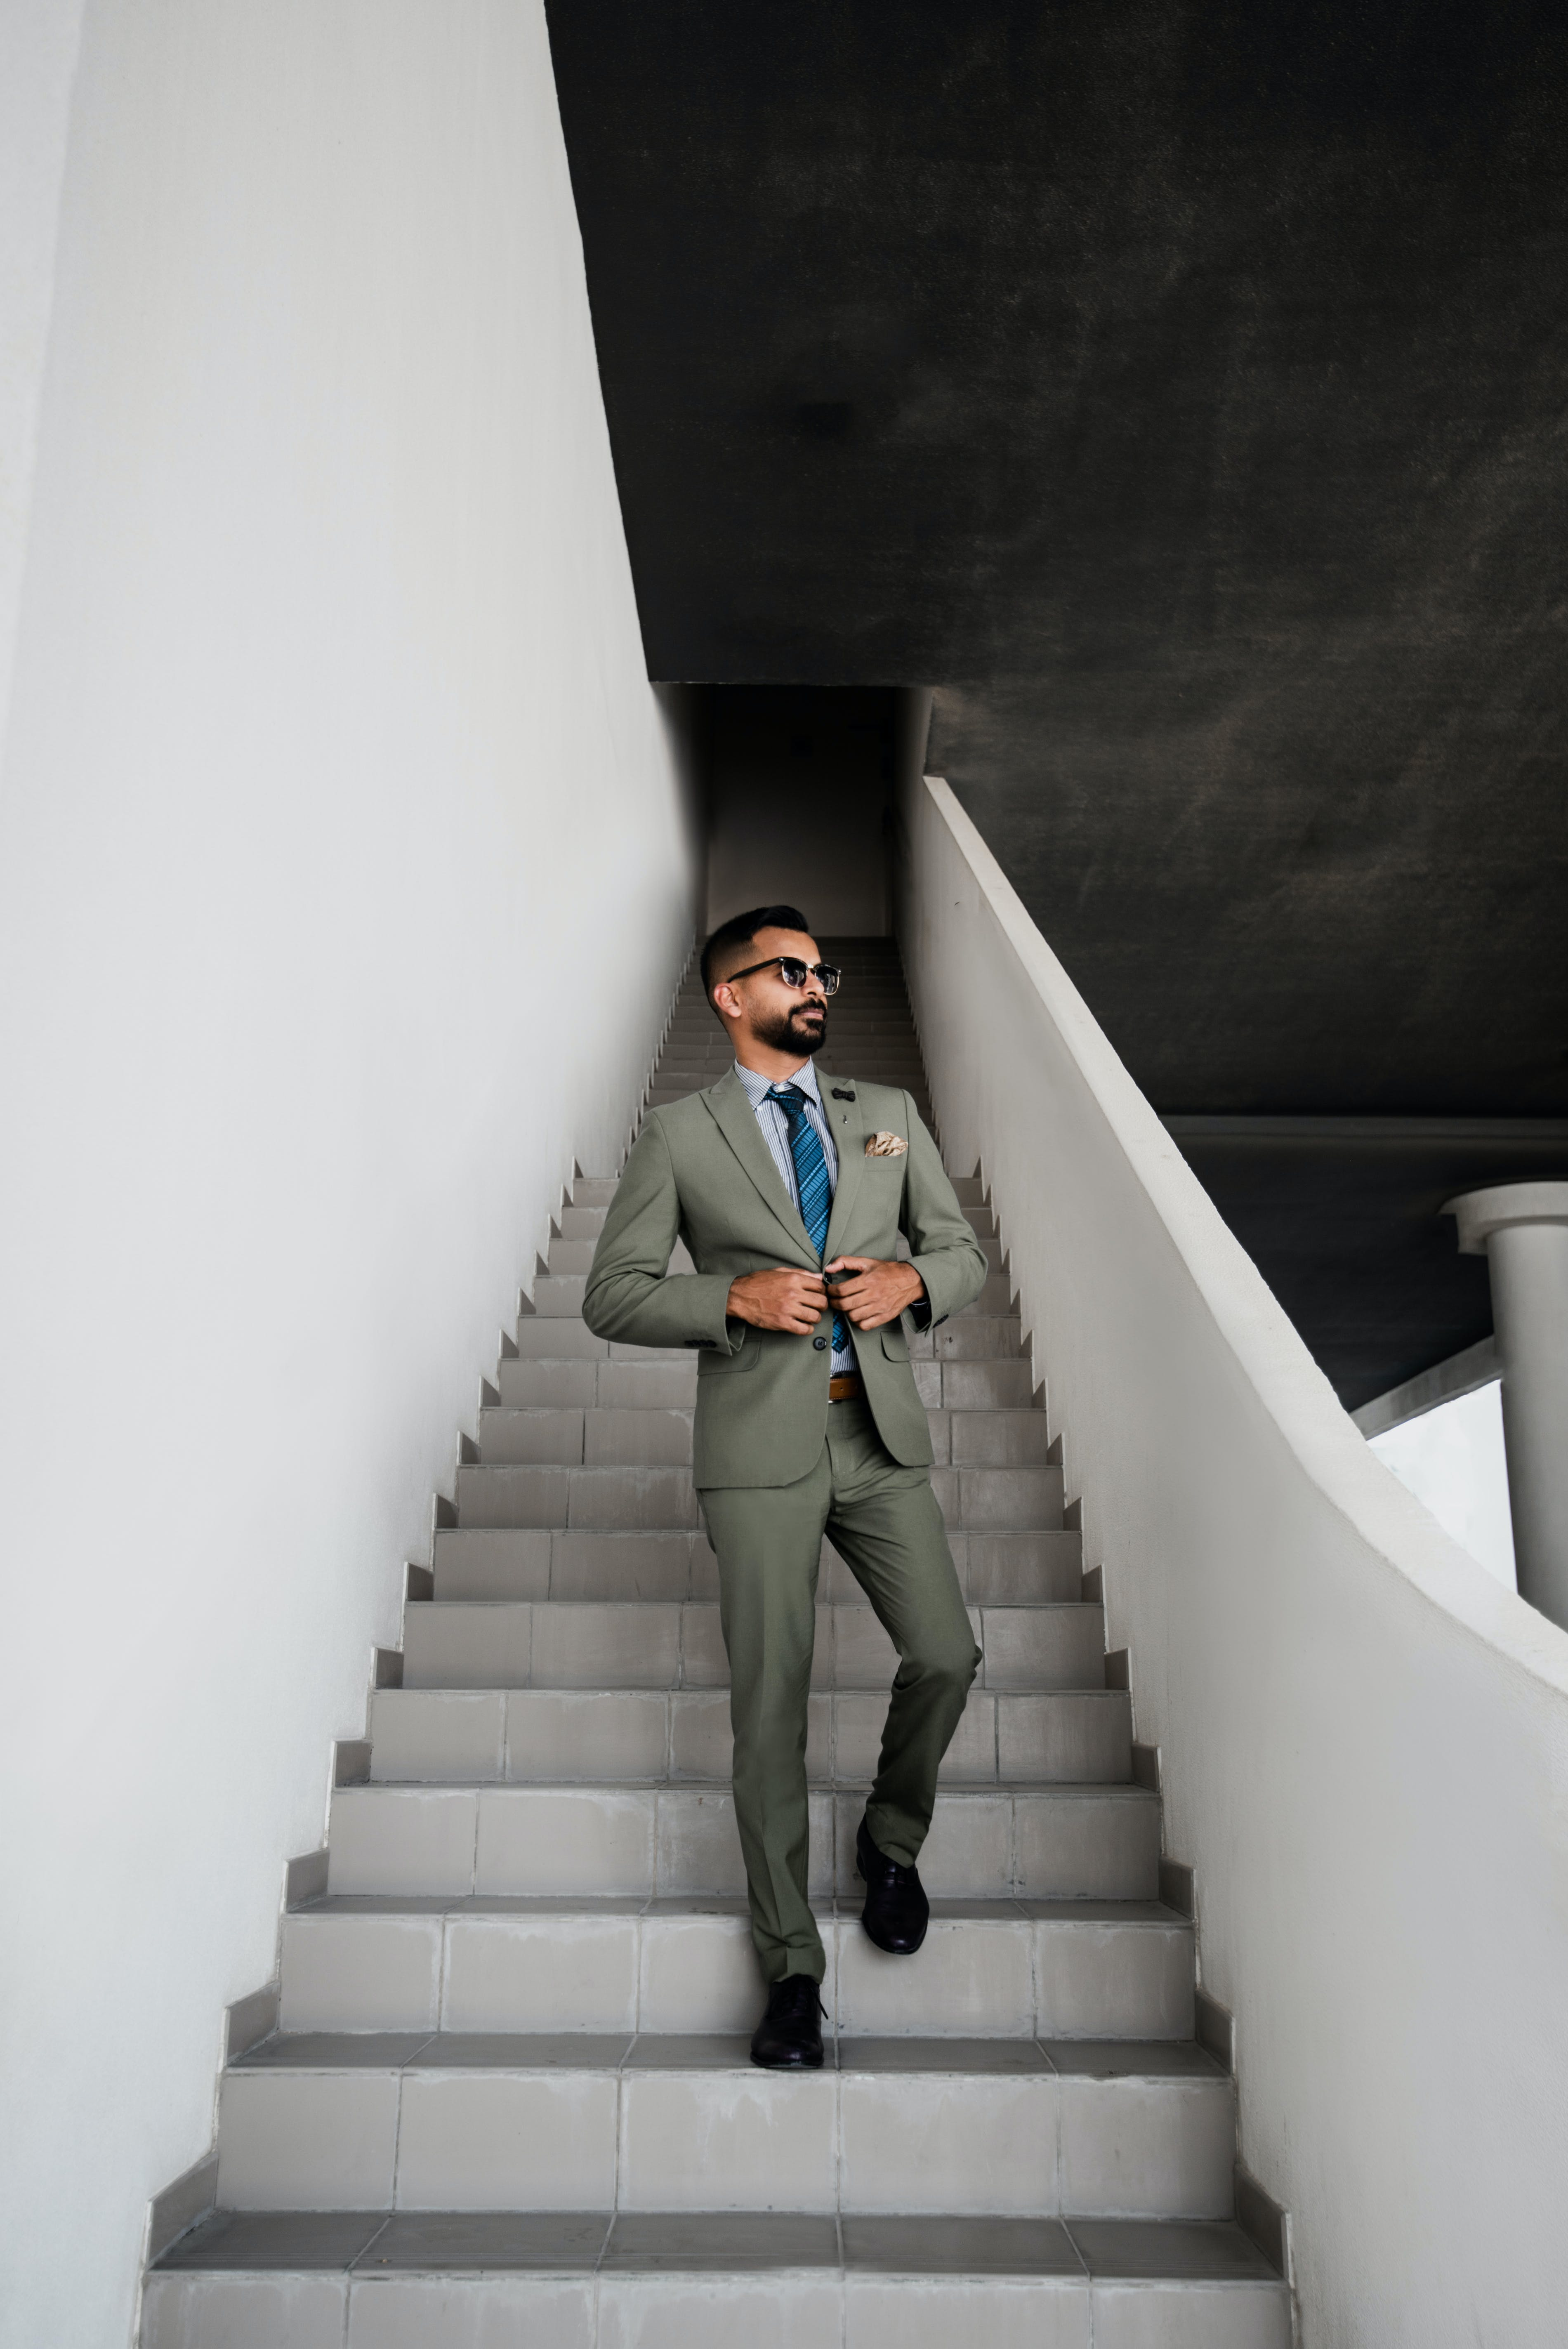 Kostenloses Stock Foto zu stufen, fashion, mann, person